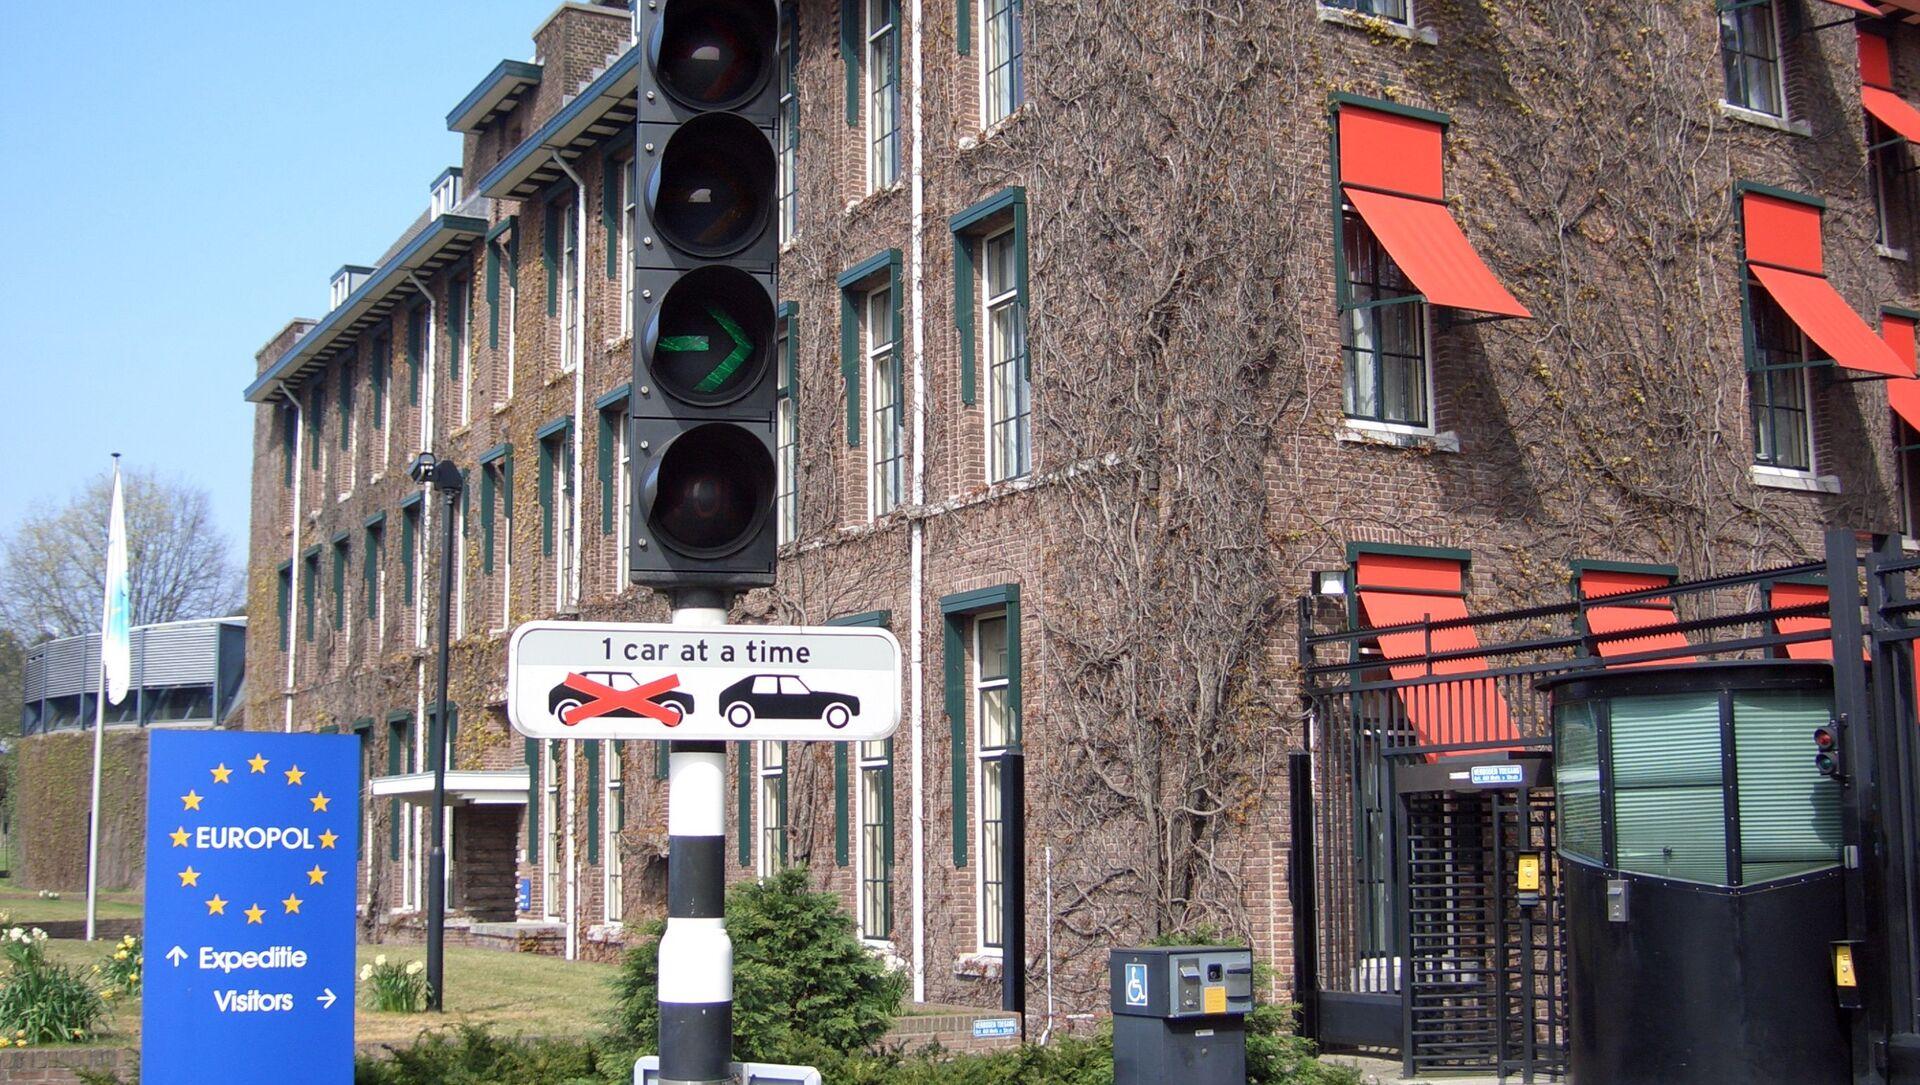 Седиште суда за ОВК налази се у бившој згради Европола у Хагу  - Sputnik Србија, 1920, 13.04.2021